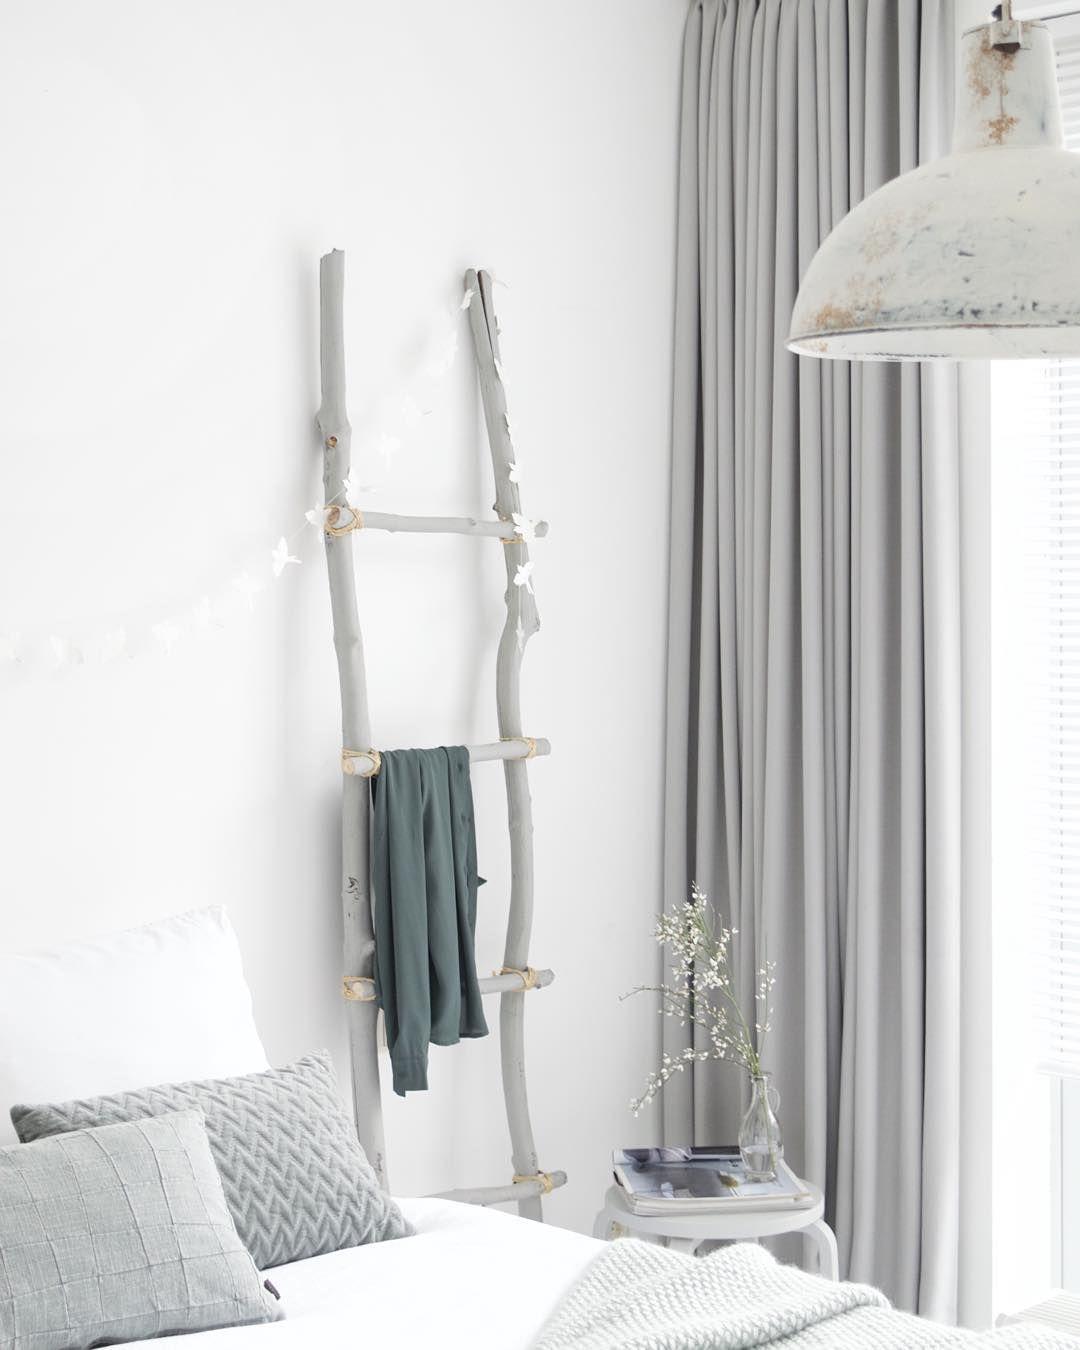 Ladder ipv stoel om kleding overheen te leggen | voor in huis ...